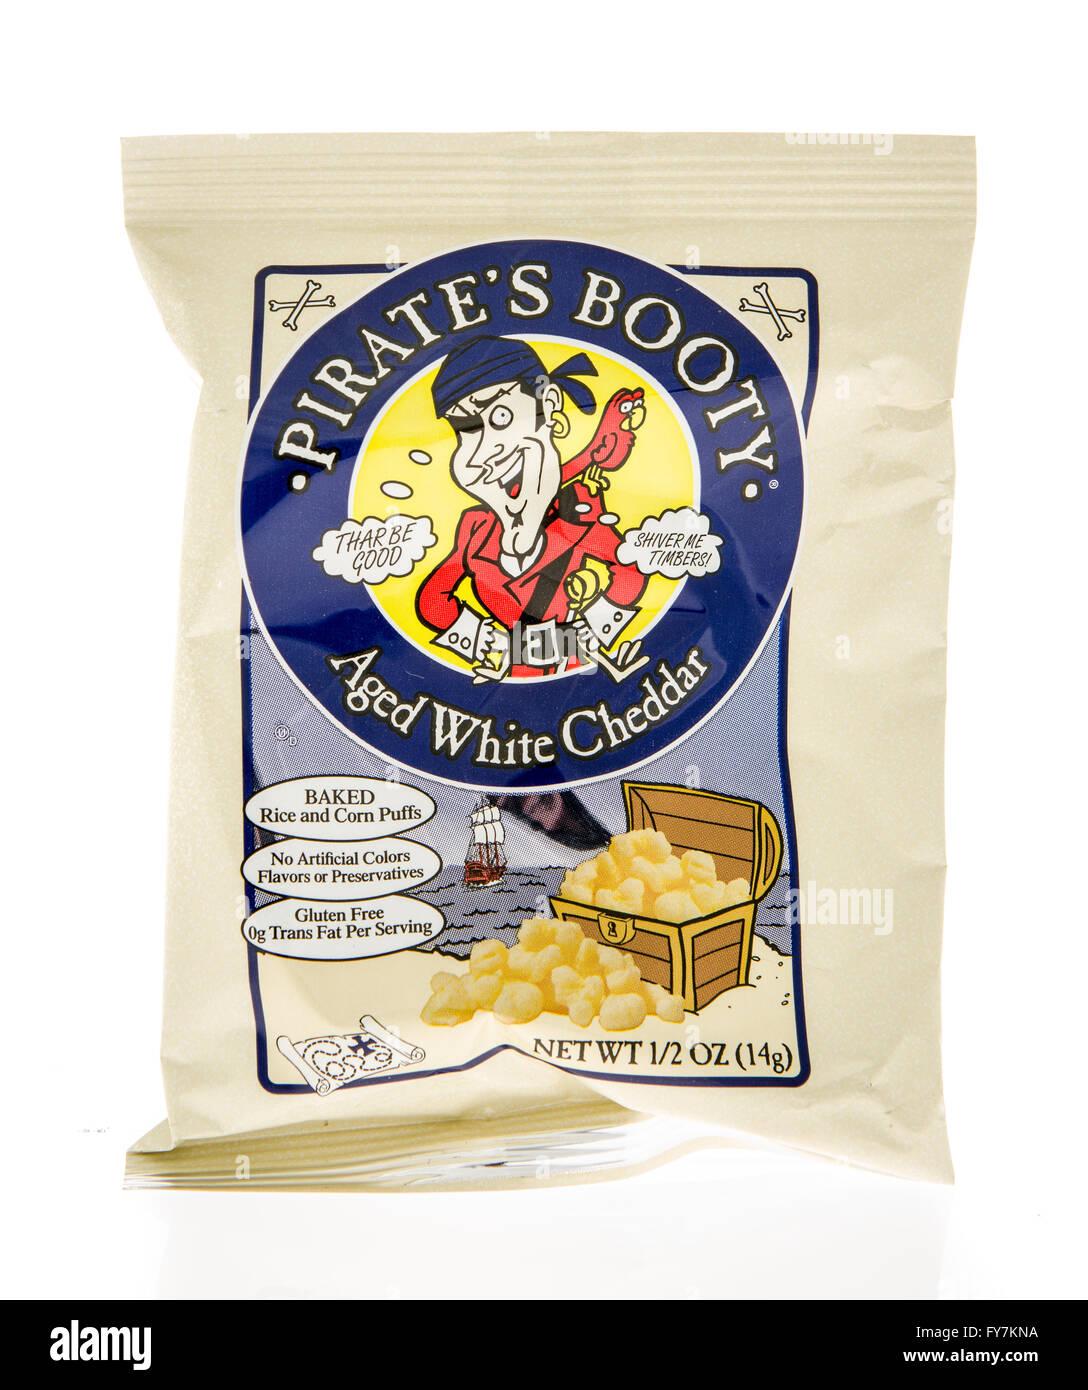 Winneconne, WI - 5 mars 2016: un sac de butin de pirate de fromage cheddar blanc le riz et le maïs soufflé Photo Stock